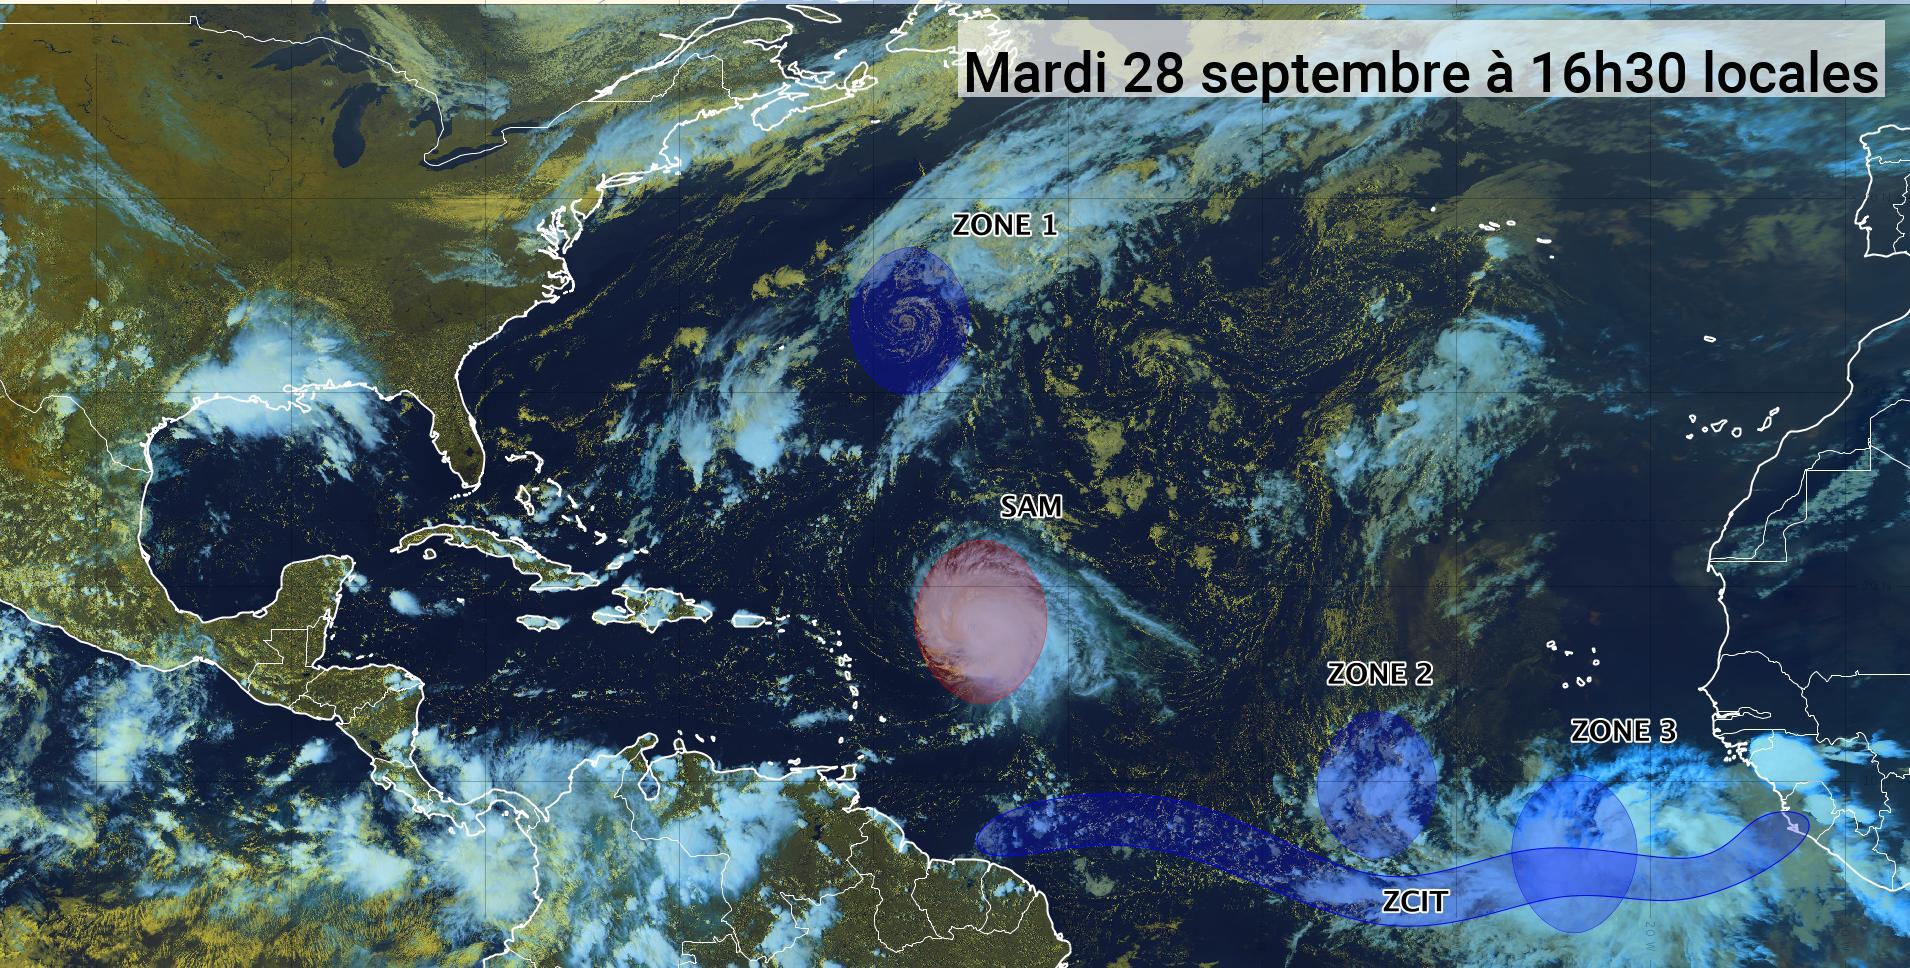 L'ouragan Sam revient en catégorie 4 et trois zones sont sous surveillance (bulletin du 28/09/21)